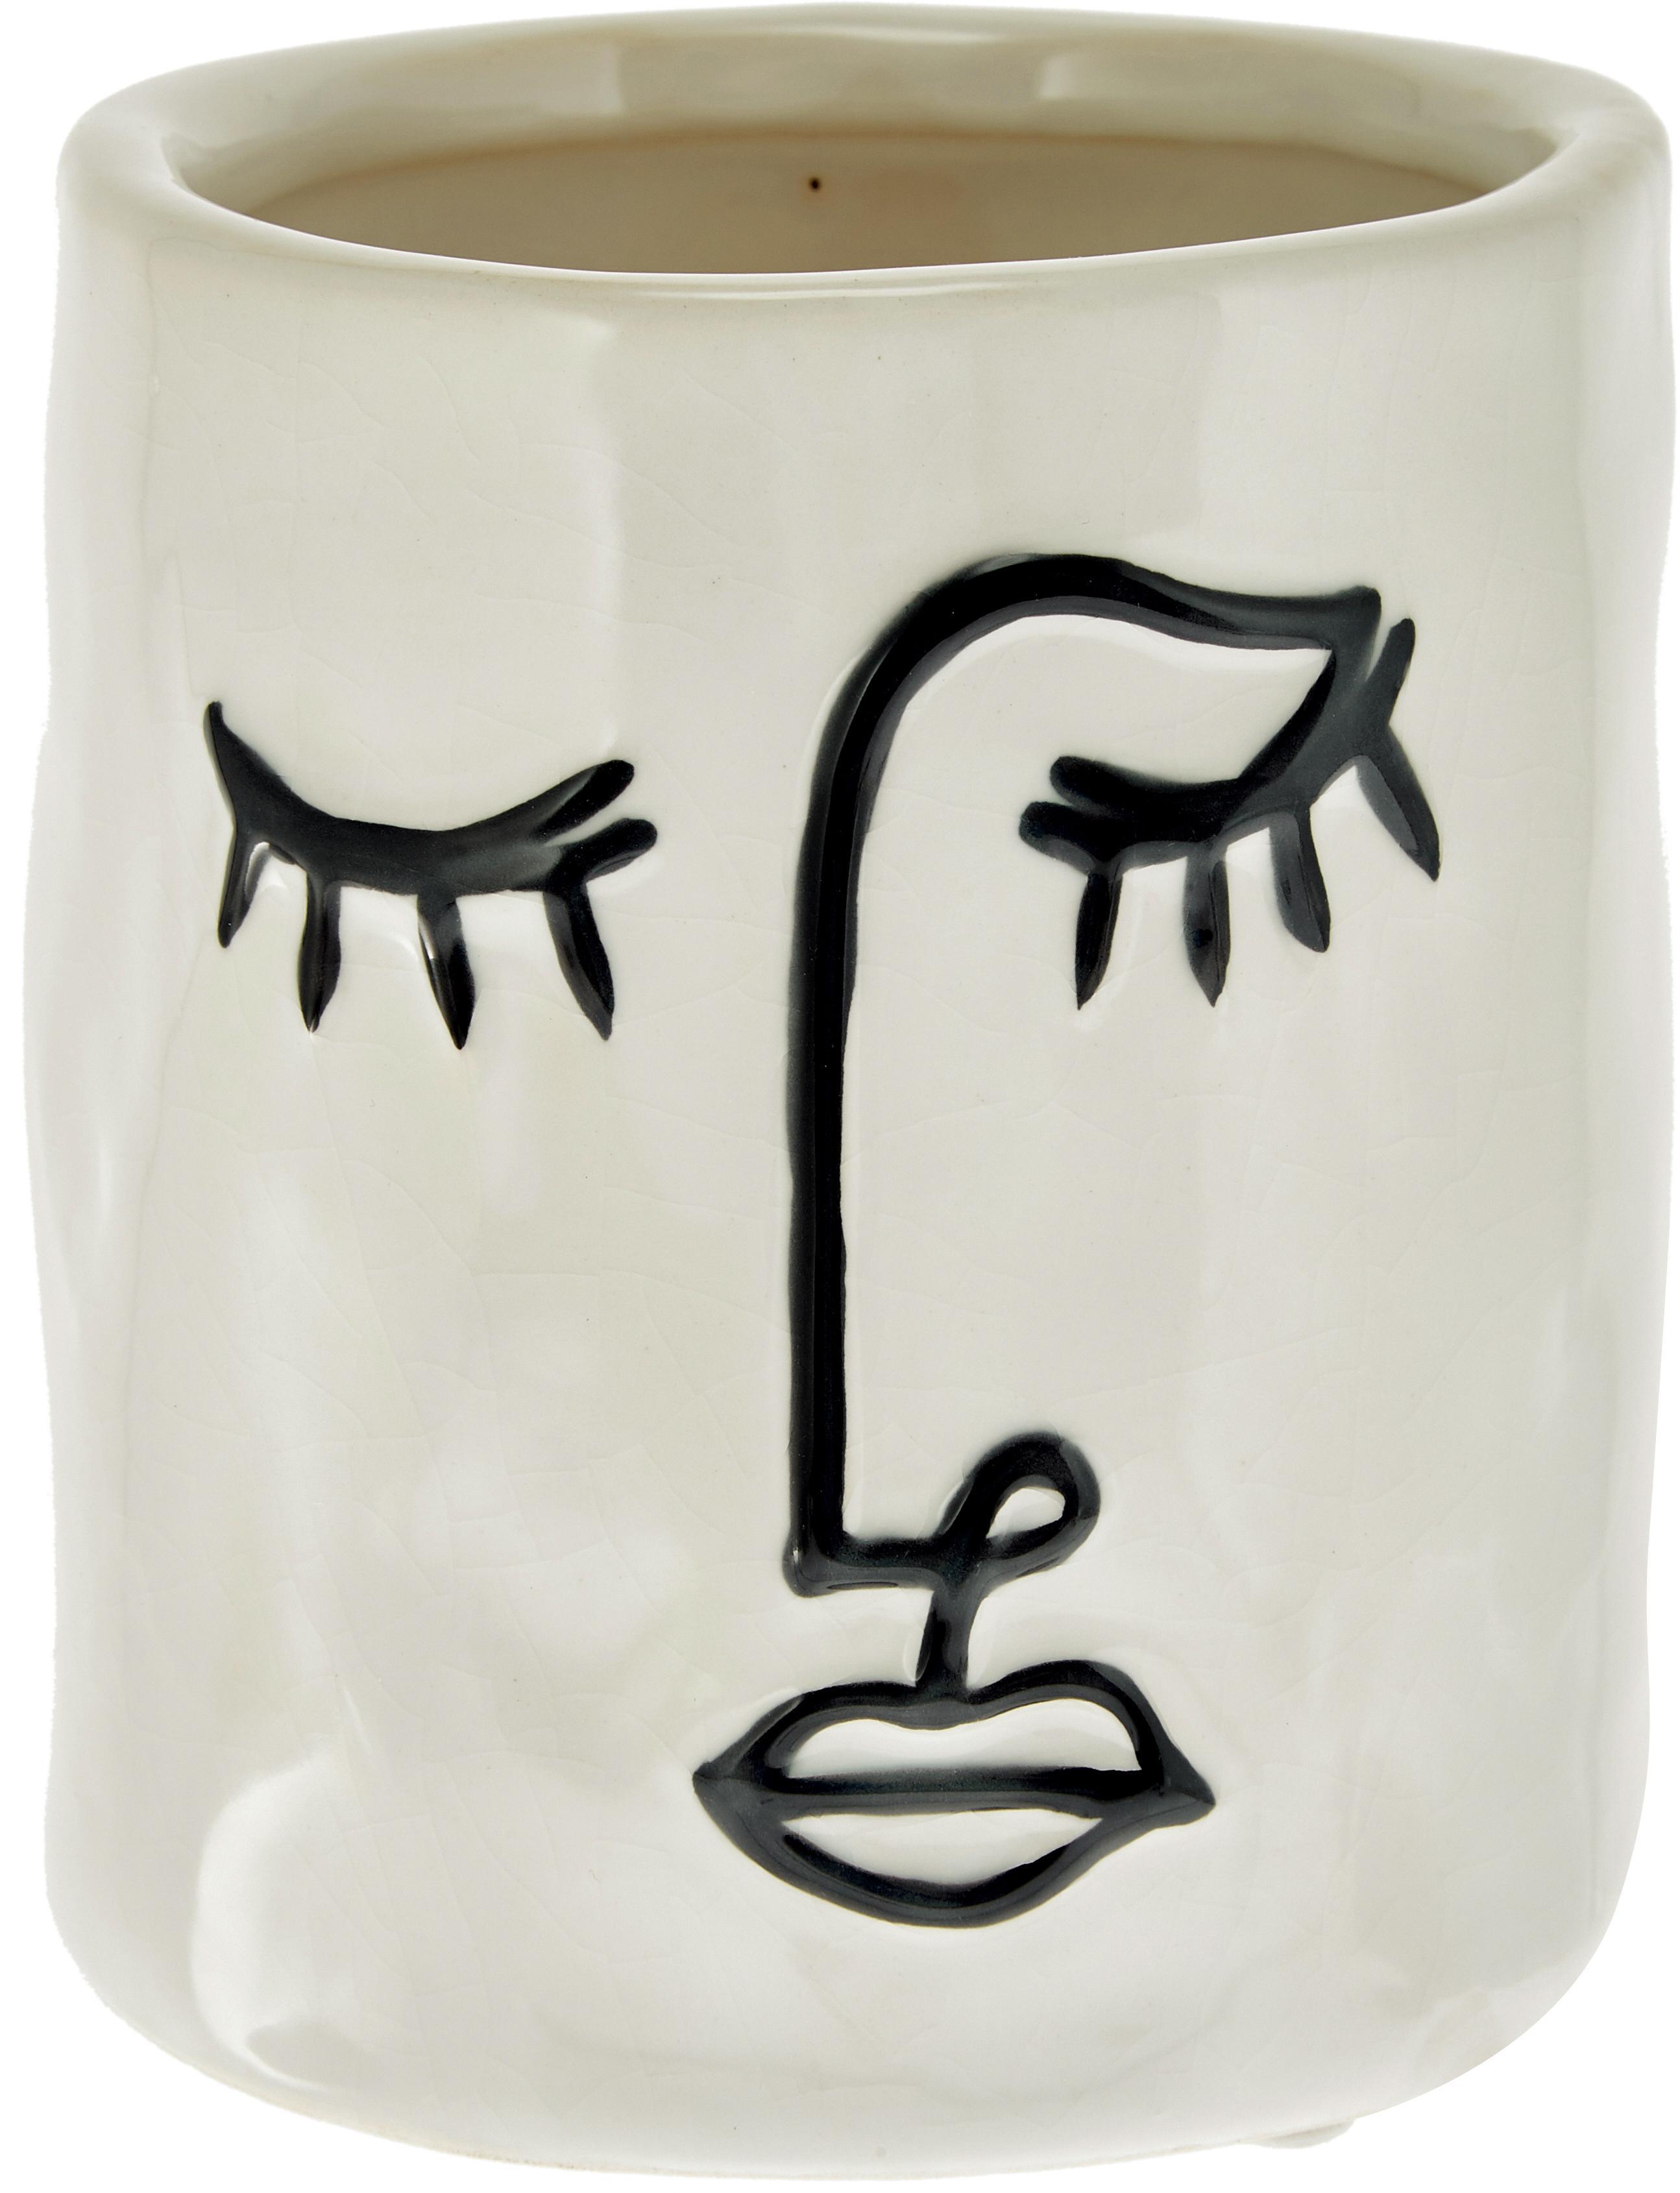 Macetero Face, Gres, Blanco crudo, negro, Ø 12 x Al 13 cm